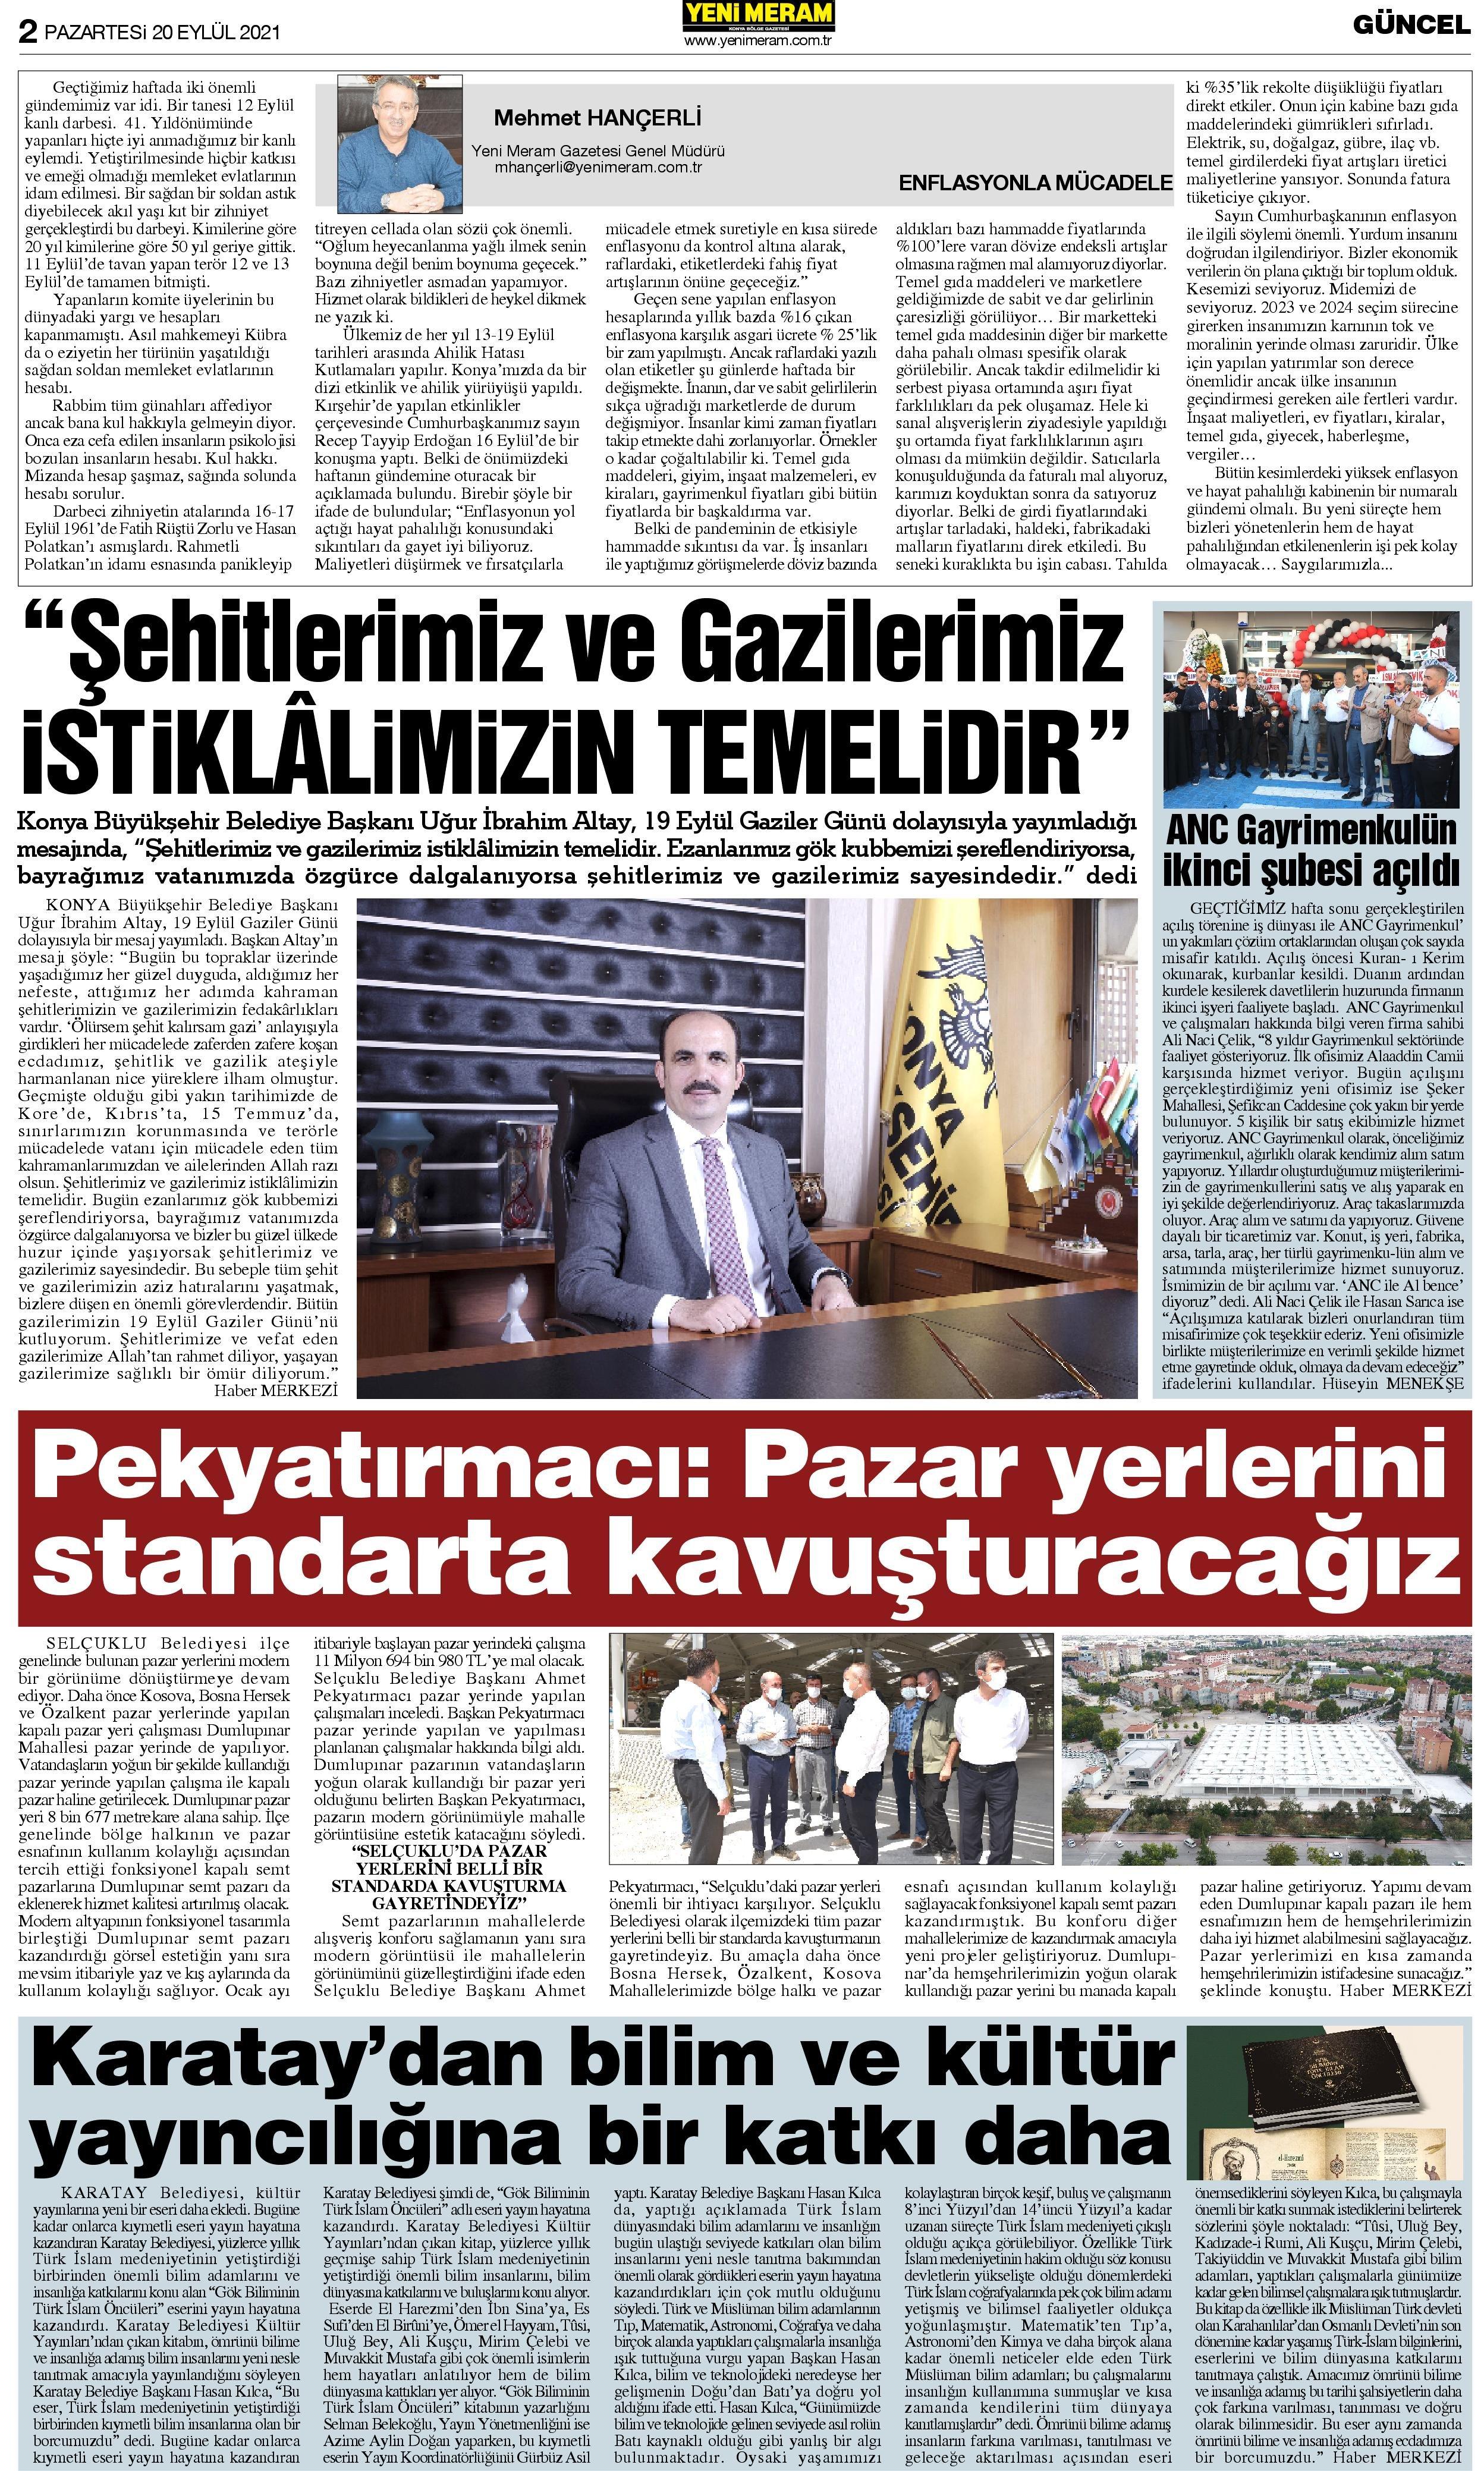 20 Eylül 2021 Yeni Meram Gazetesi